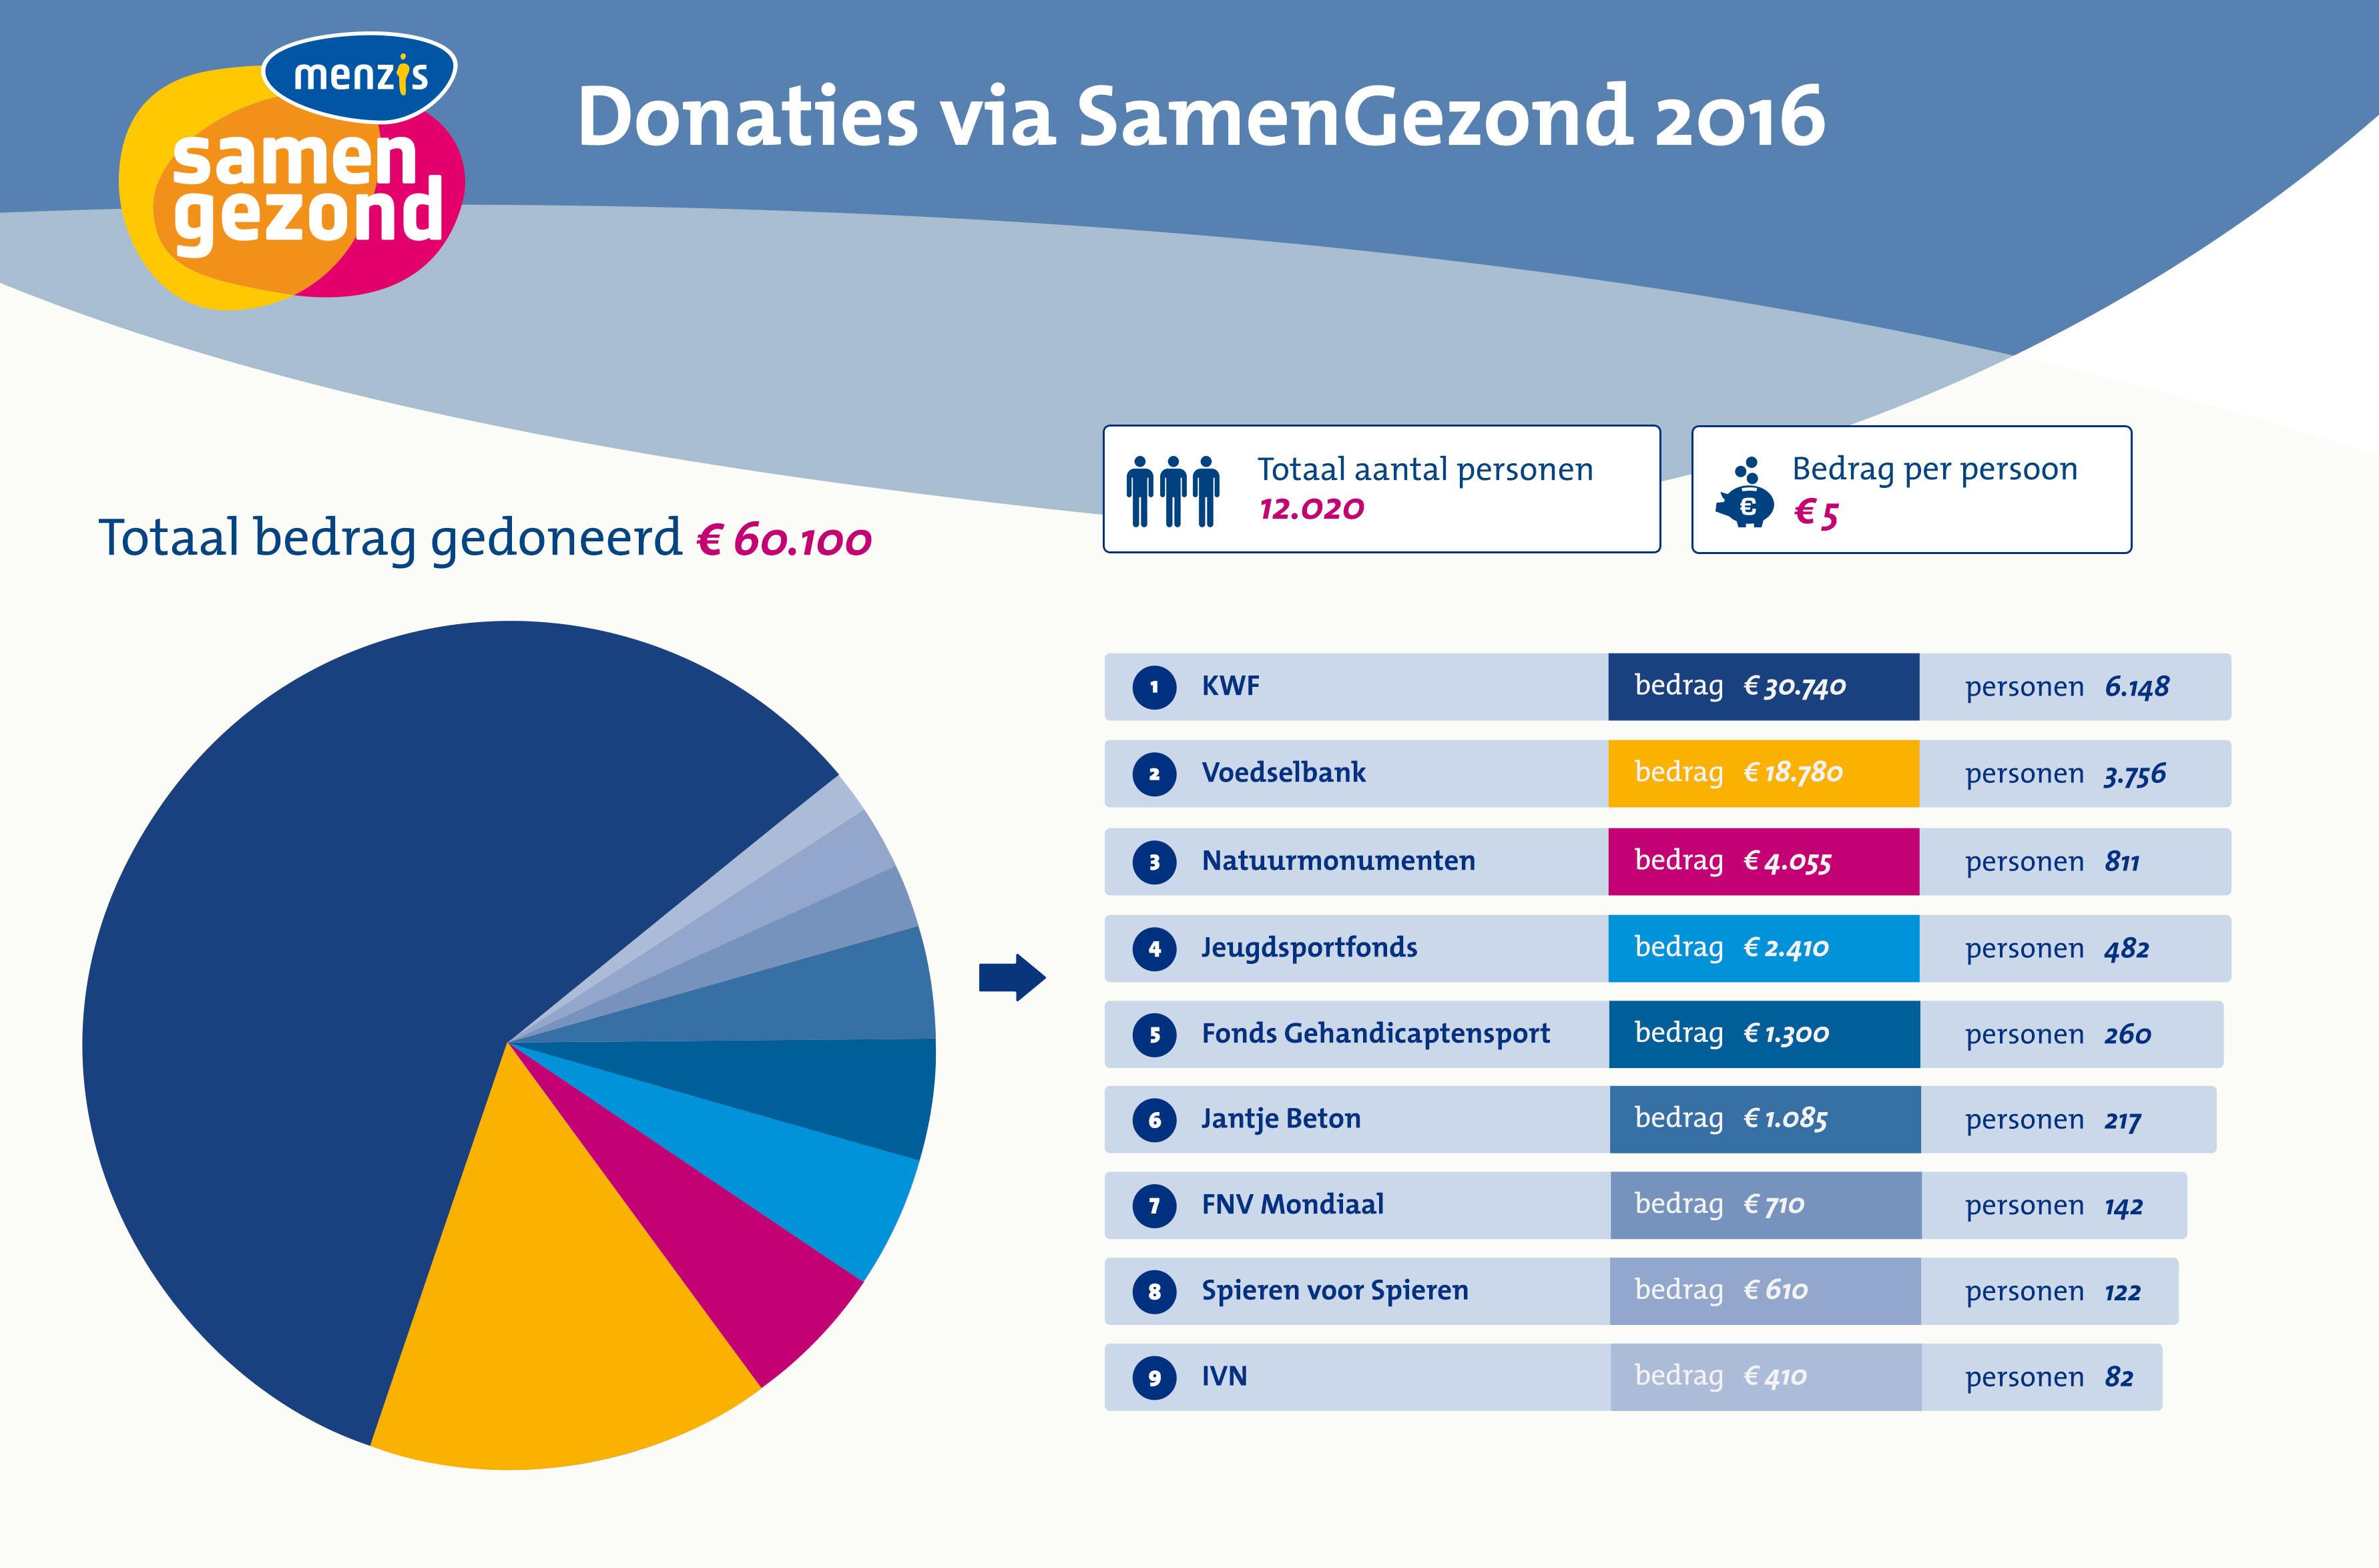 2017Infographic SamenGezond Donaties 2016